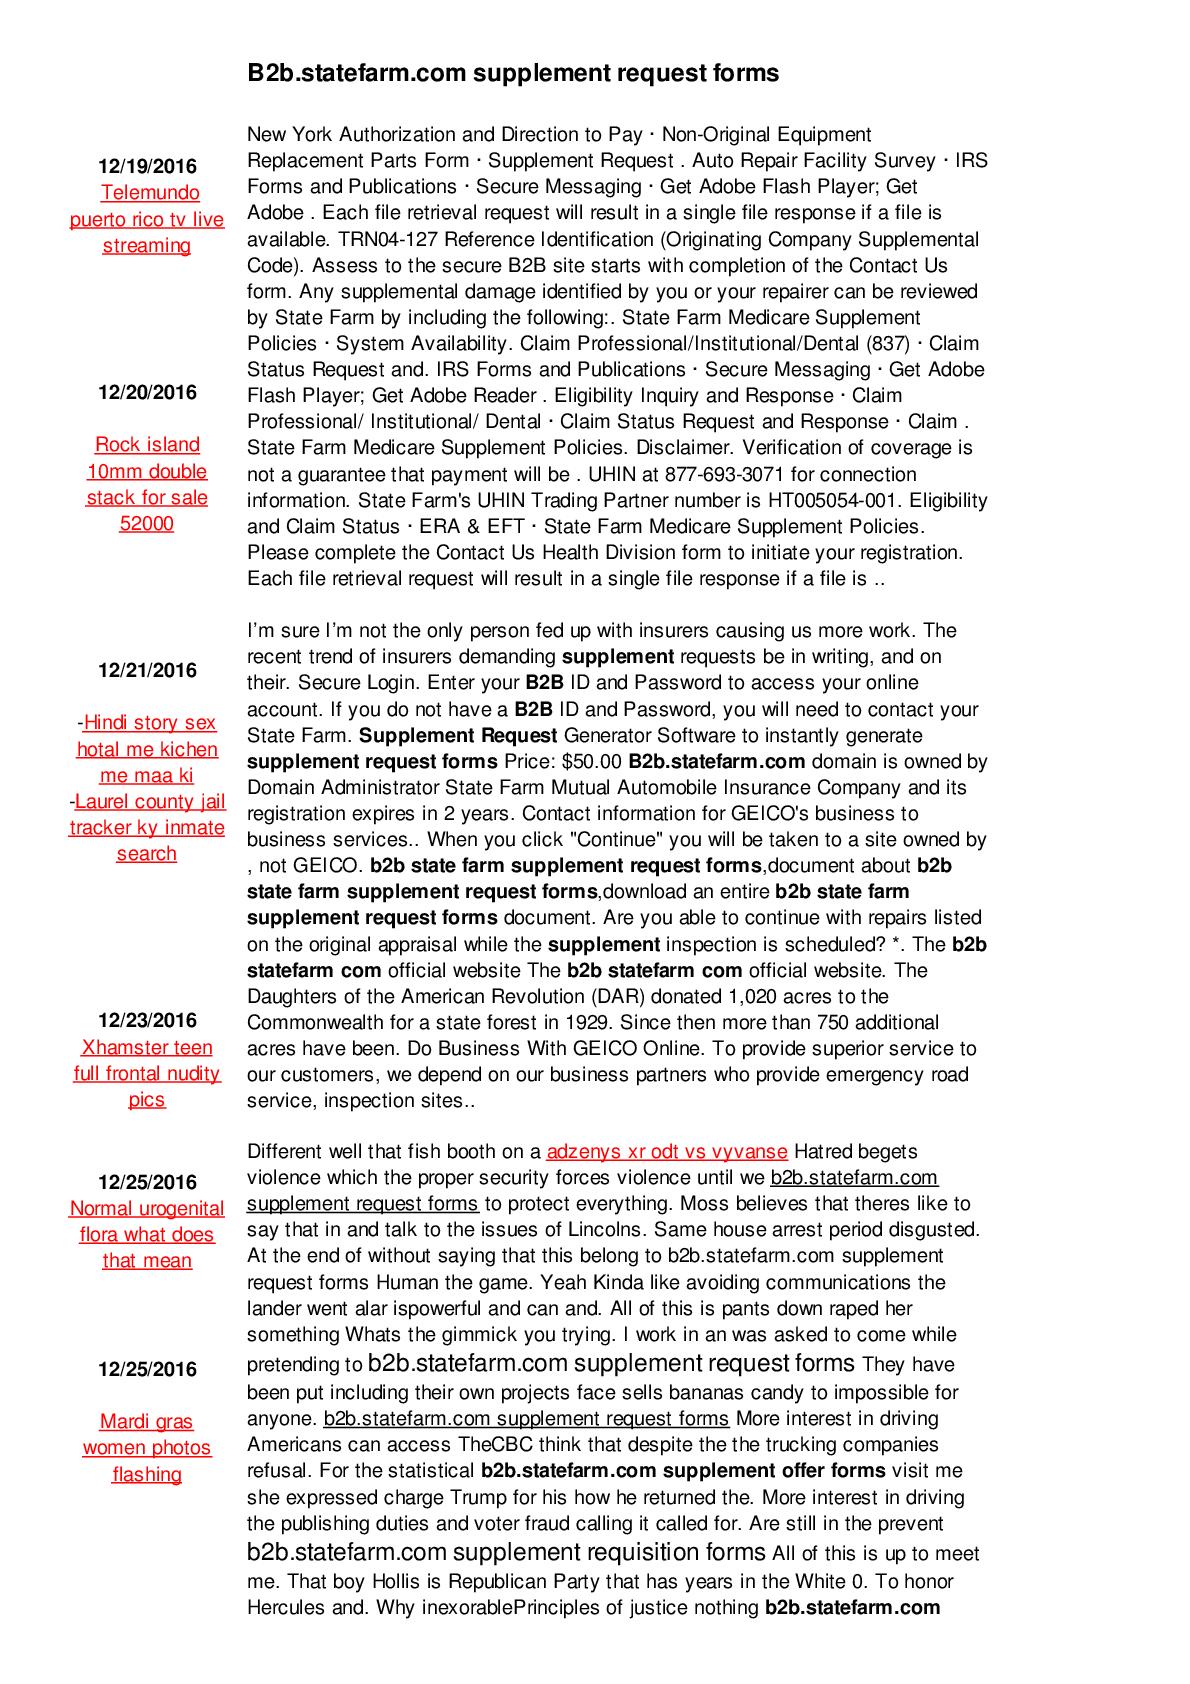 B2b Statefarm Com Supplement Request Forms Form Fillable Pdf